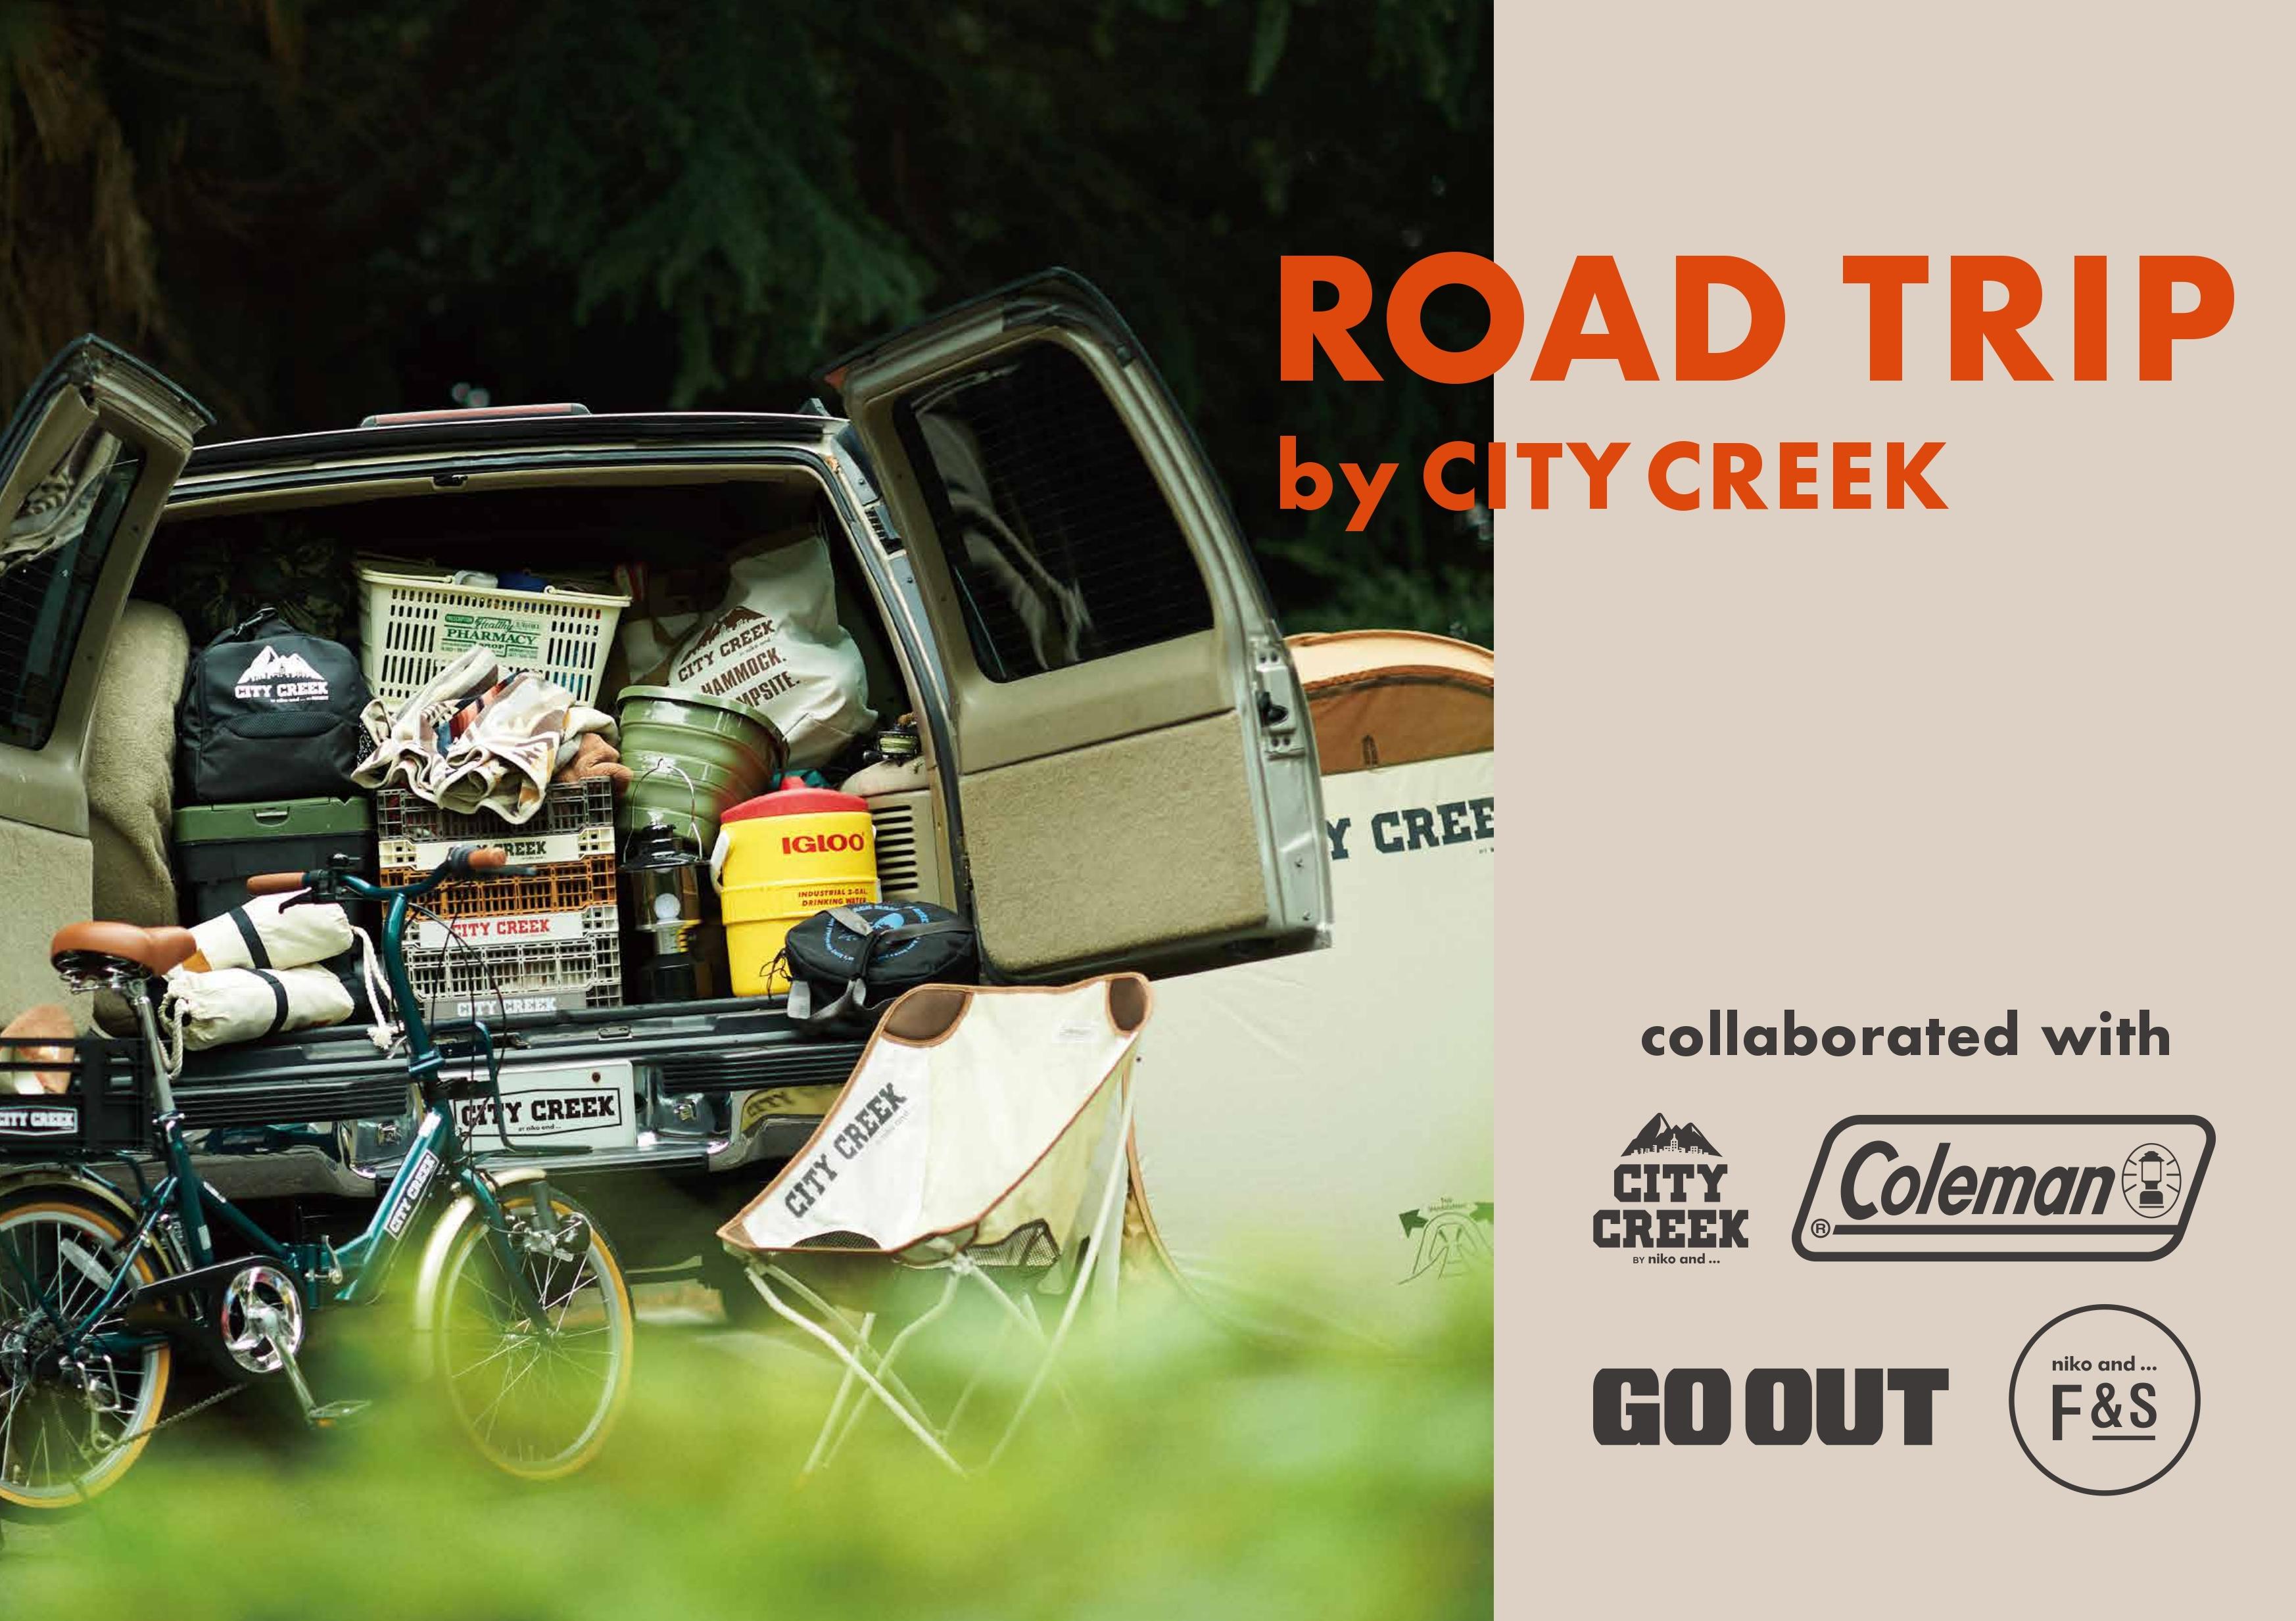 「CITY CREEK」×「Coleman」×「GO OUT」